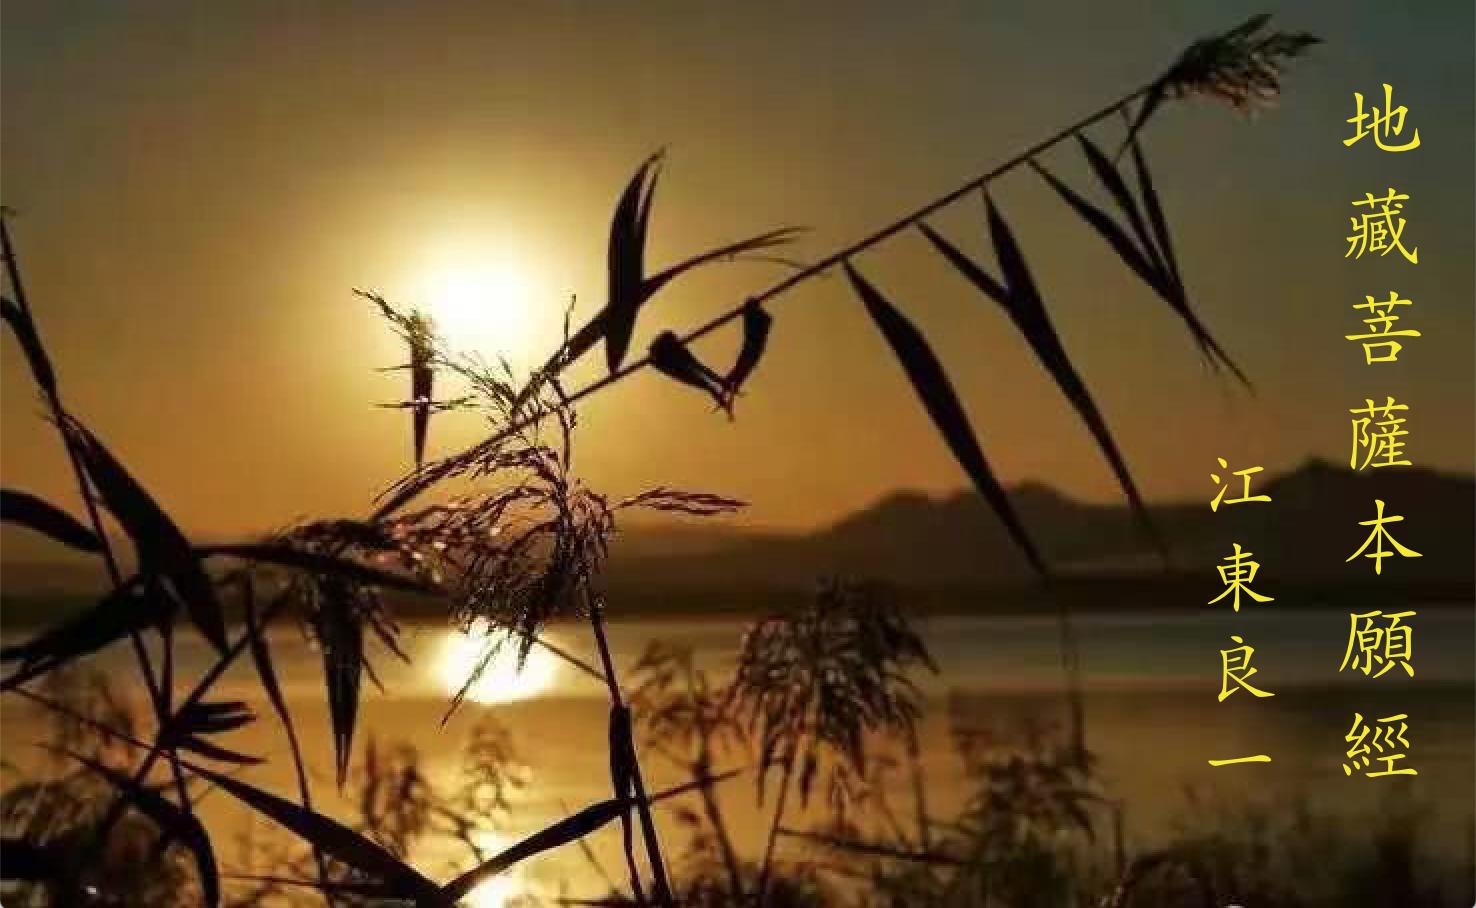 【江東良一作品】『大海的季節』誰都能聽懂的地藏經之第二百十五章地藏王菩薩20190803